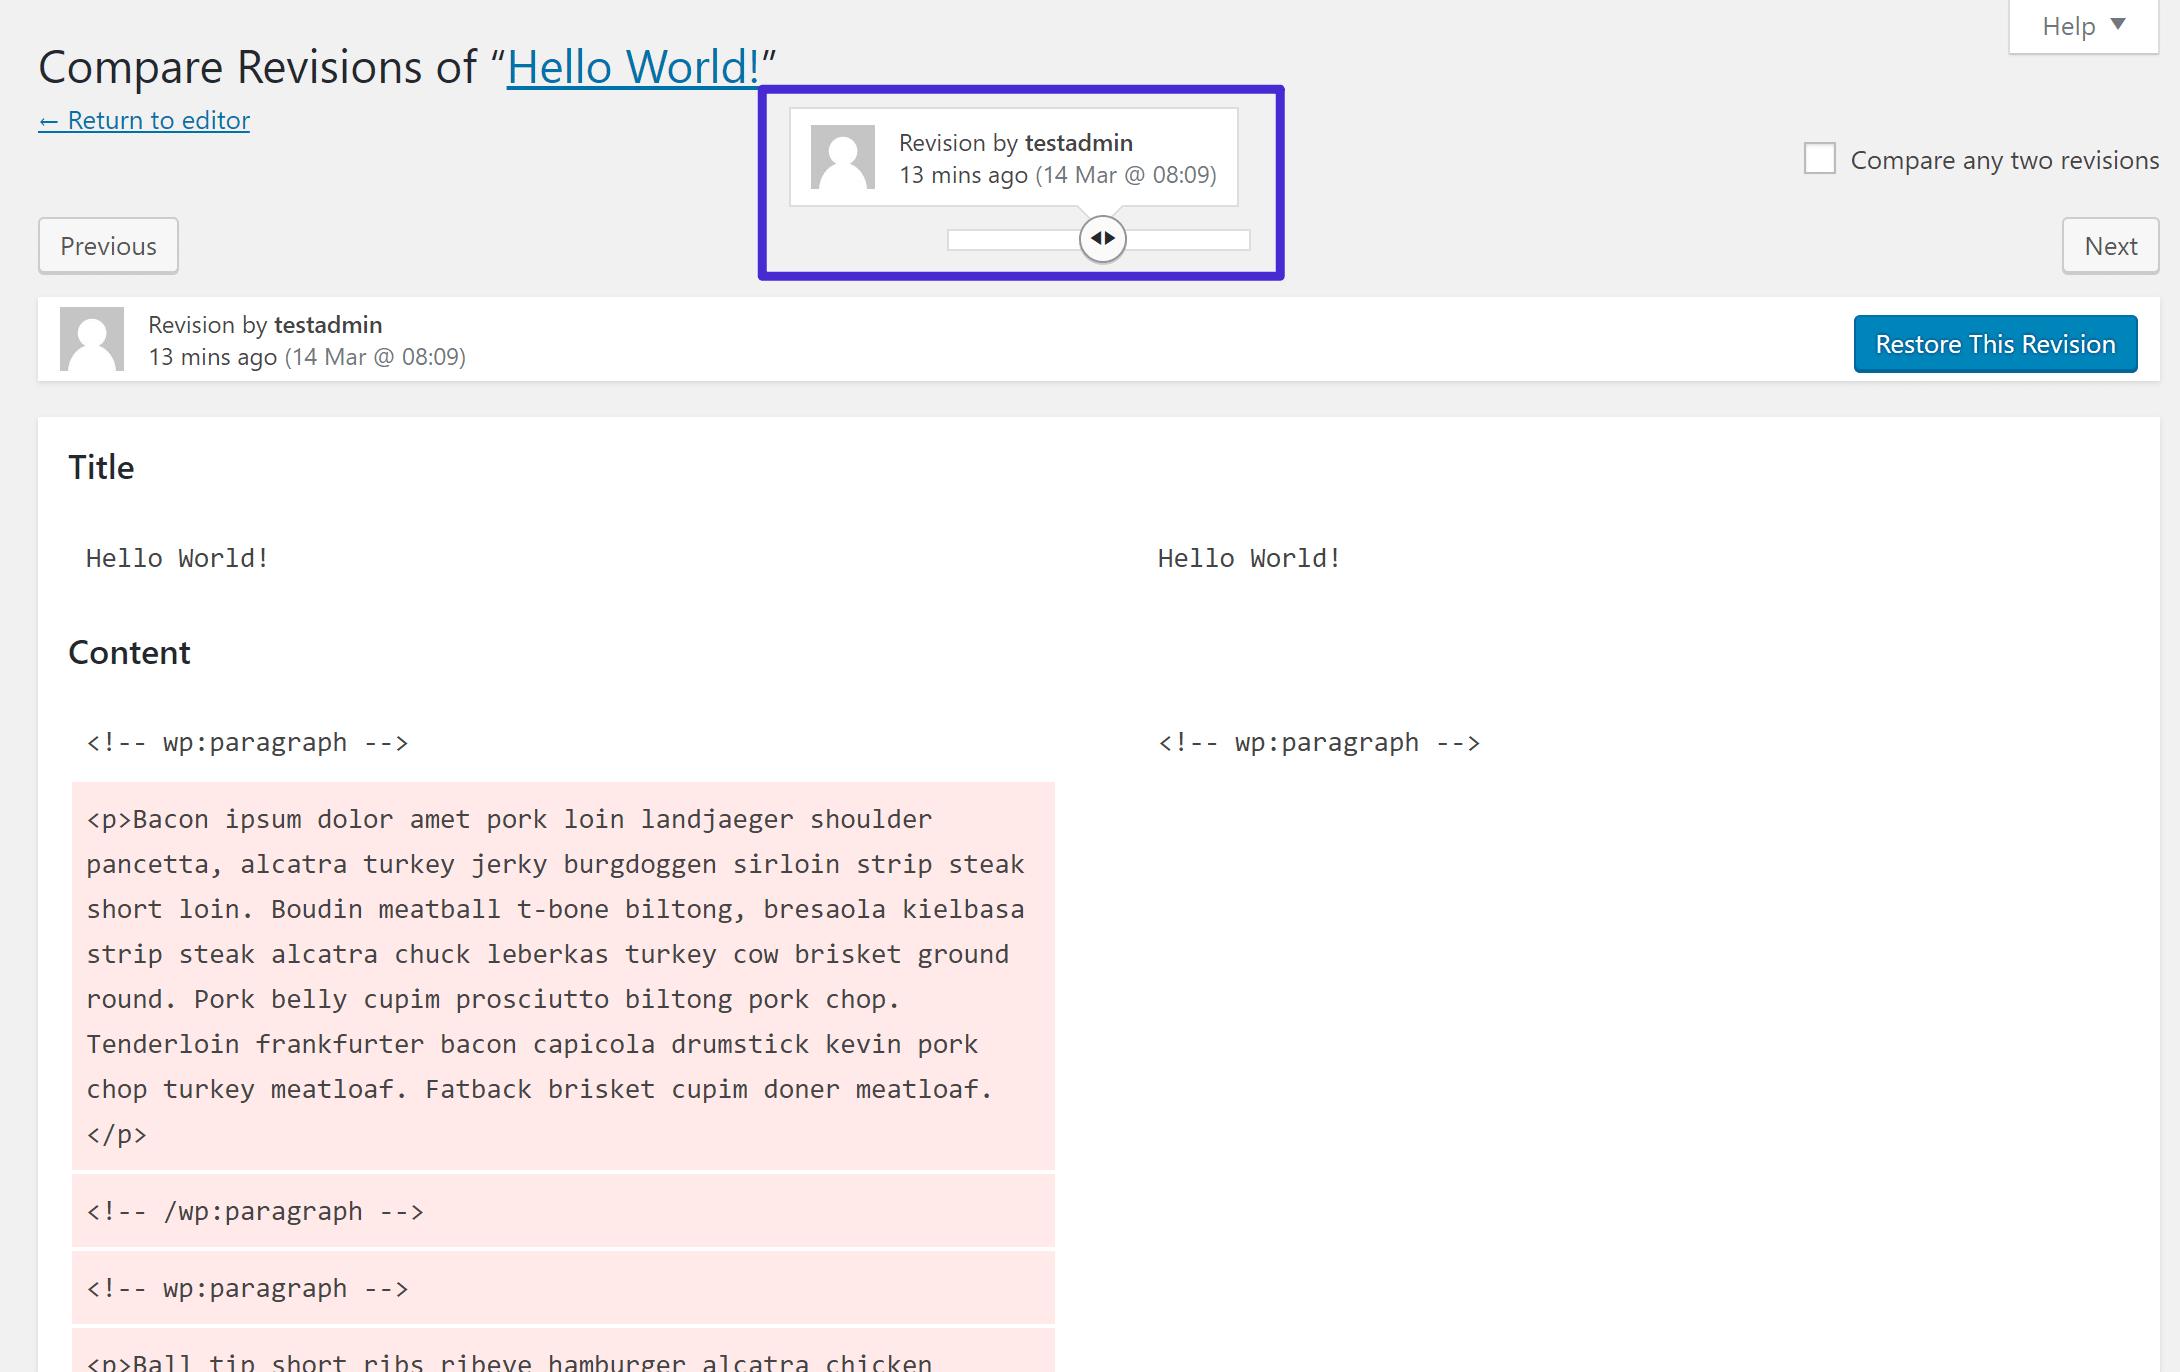 De ingebouwde Revisions feature van WordPress